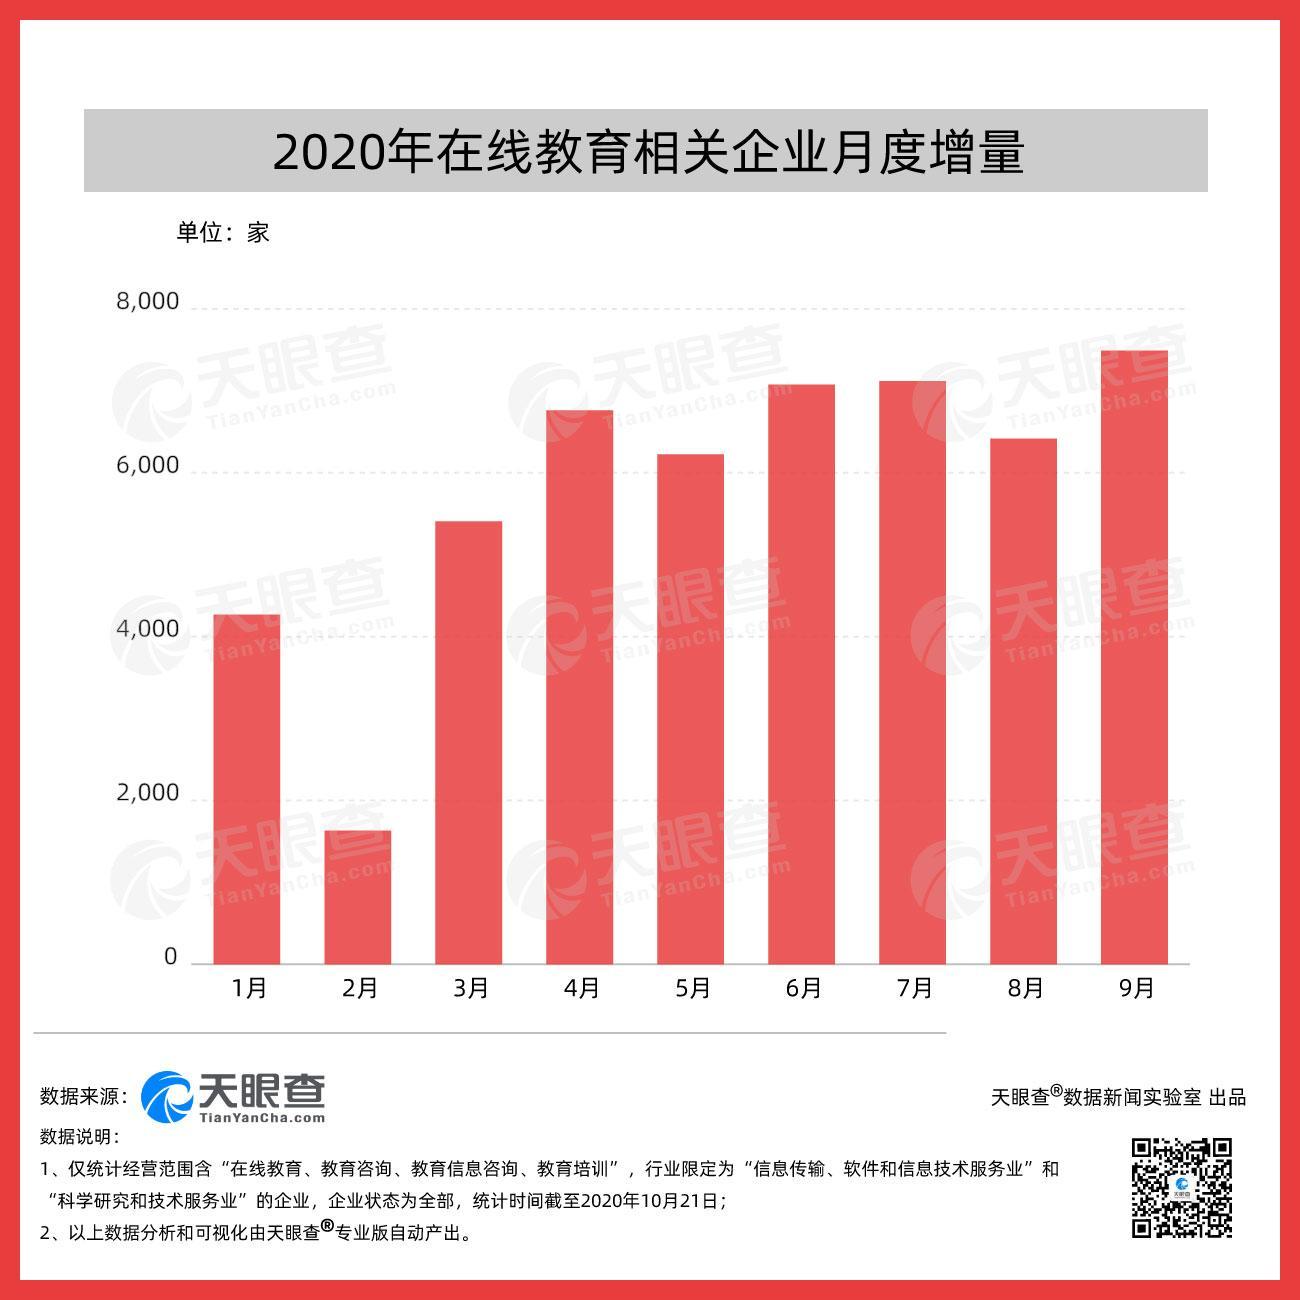 在线教育排位战开始,天眼查数据显示我国今年第三季度新增超过2.1万家在线教育相关企业,环比增长4.8%